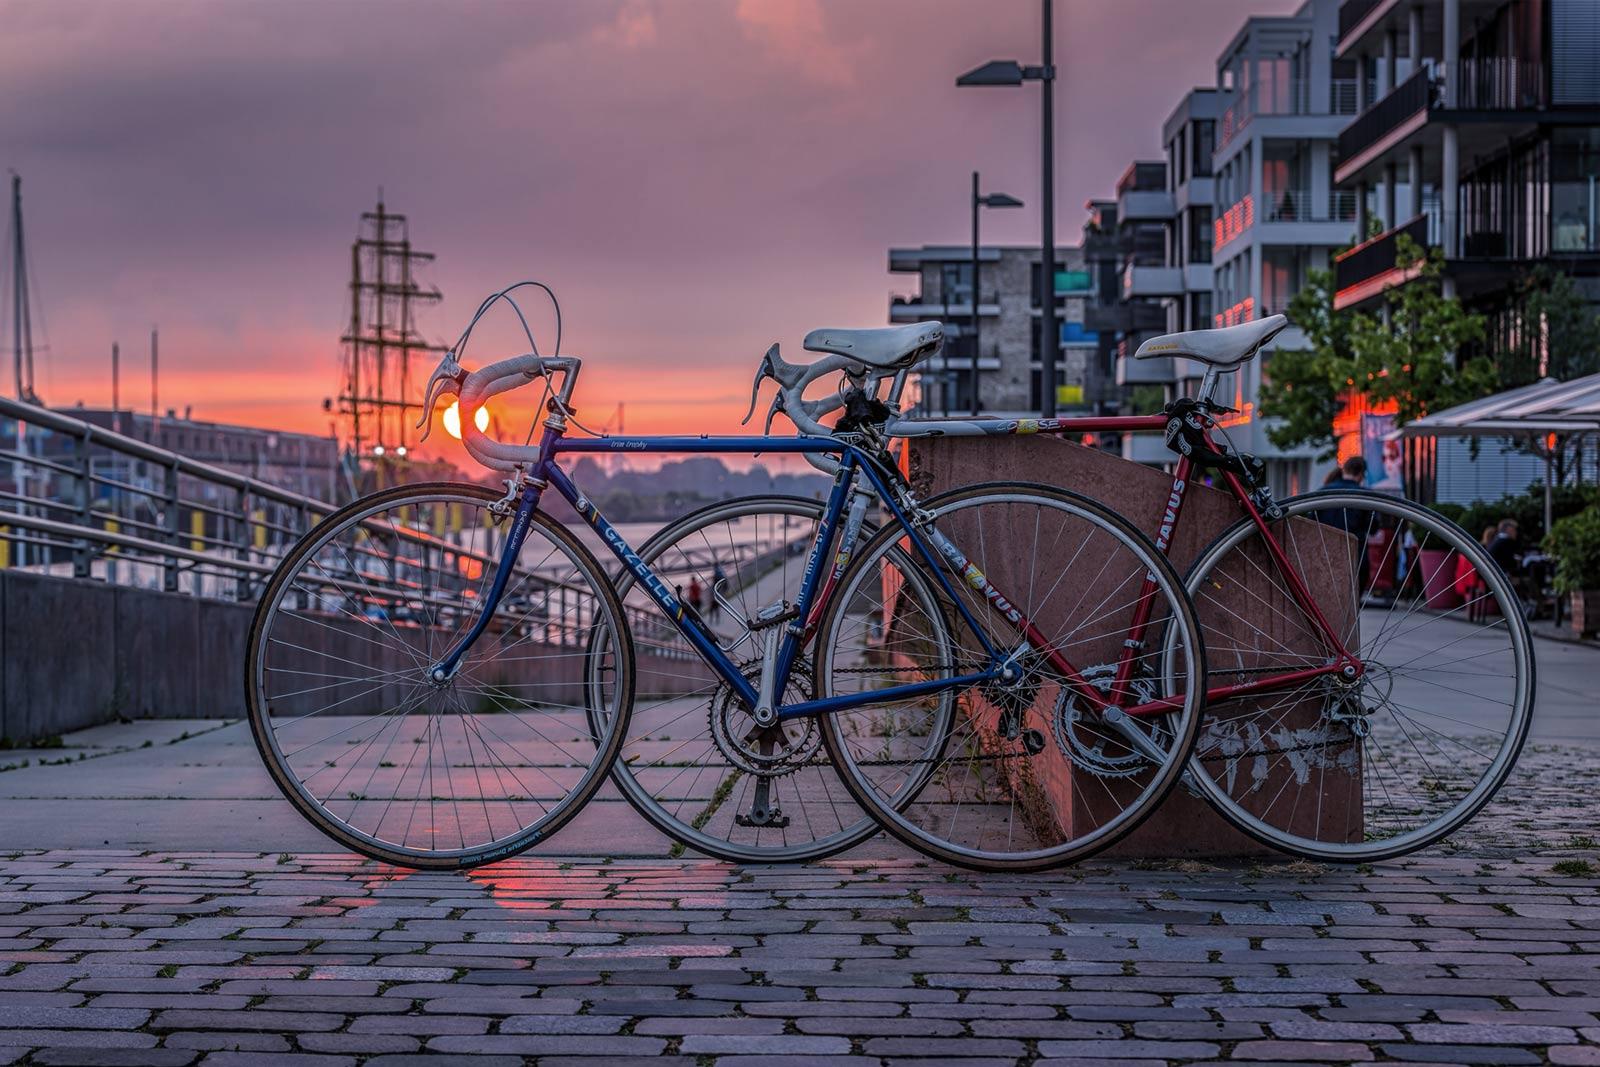 Zwei Rennräder vor einer Sonnenuntergangskulisse im Hafen.